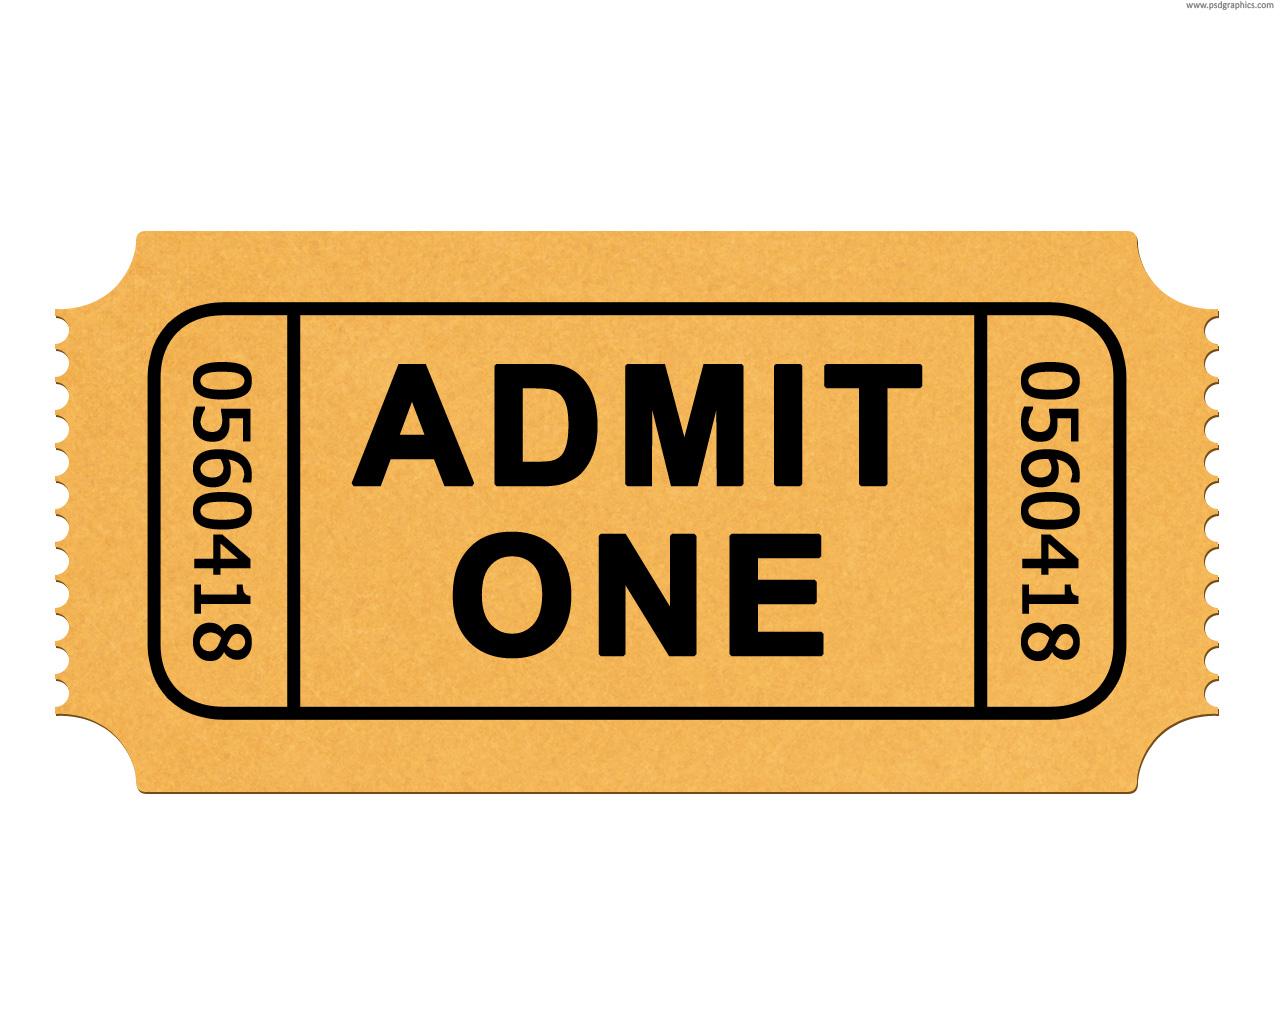 Tickets portal . Arcade clipart arcade ticket